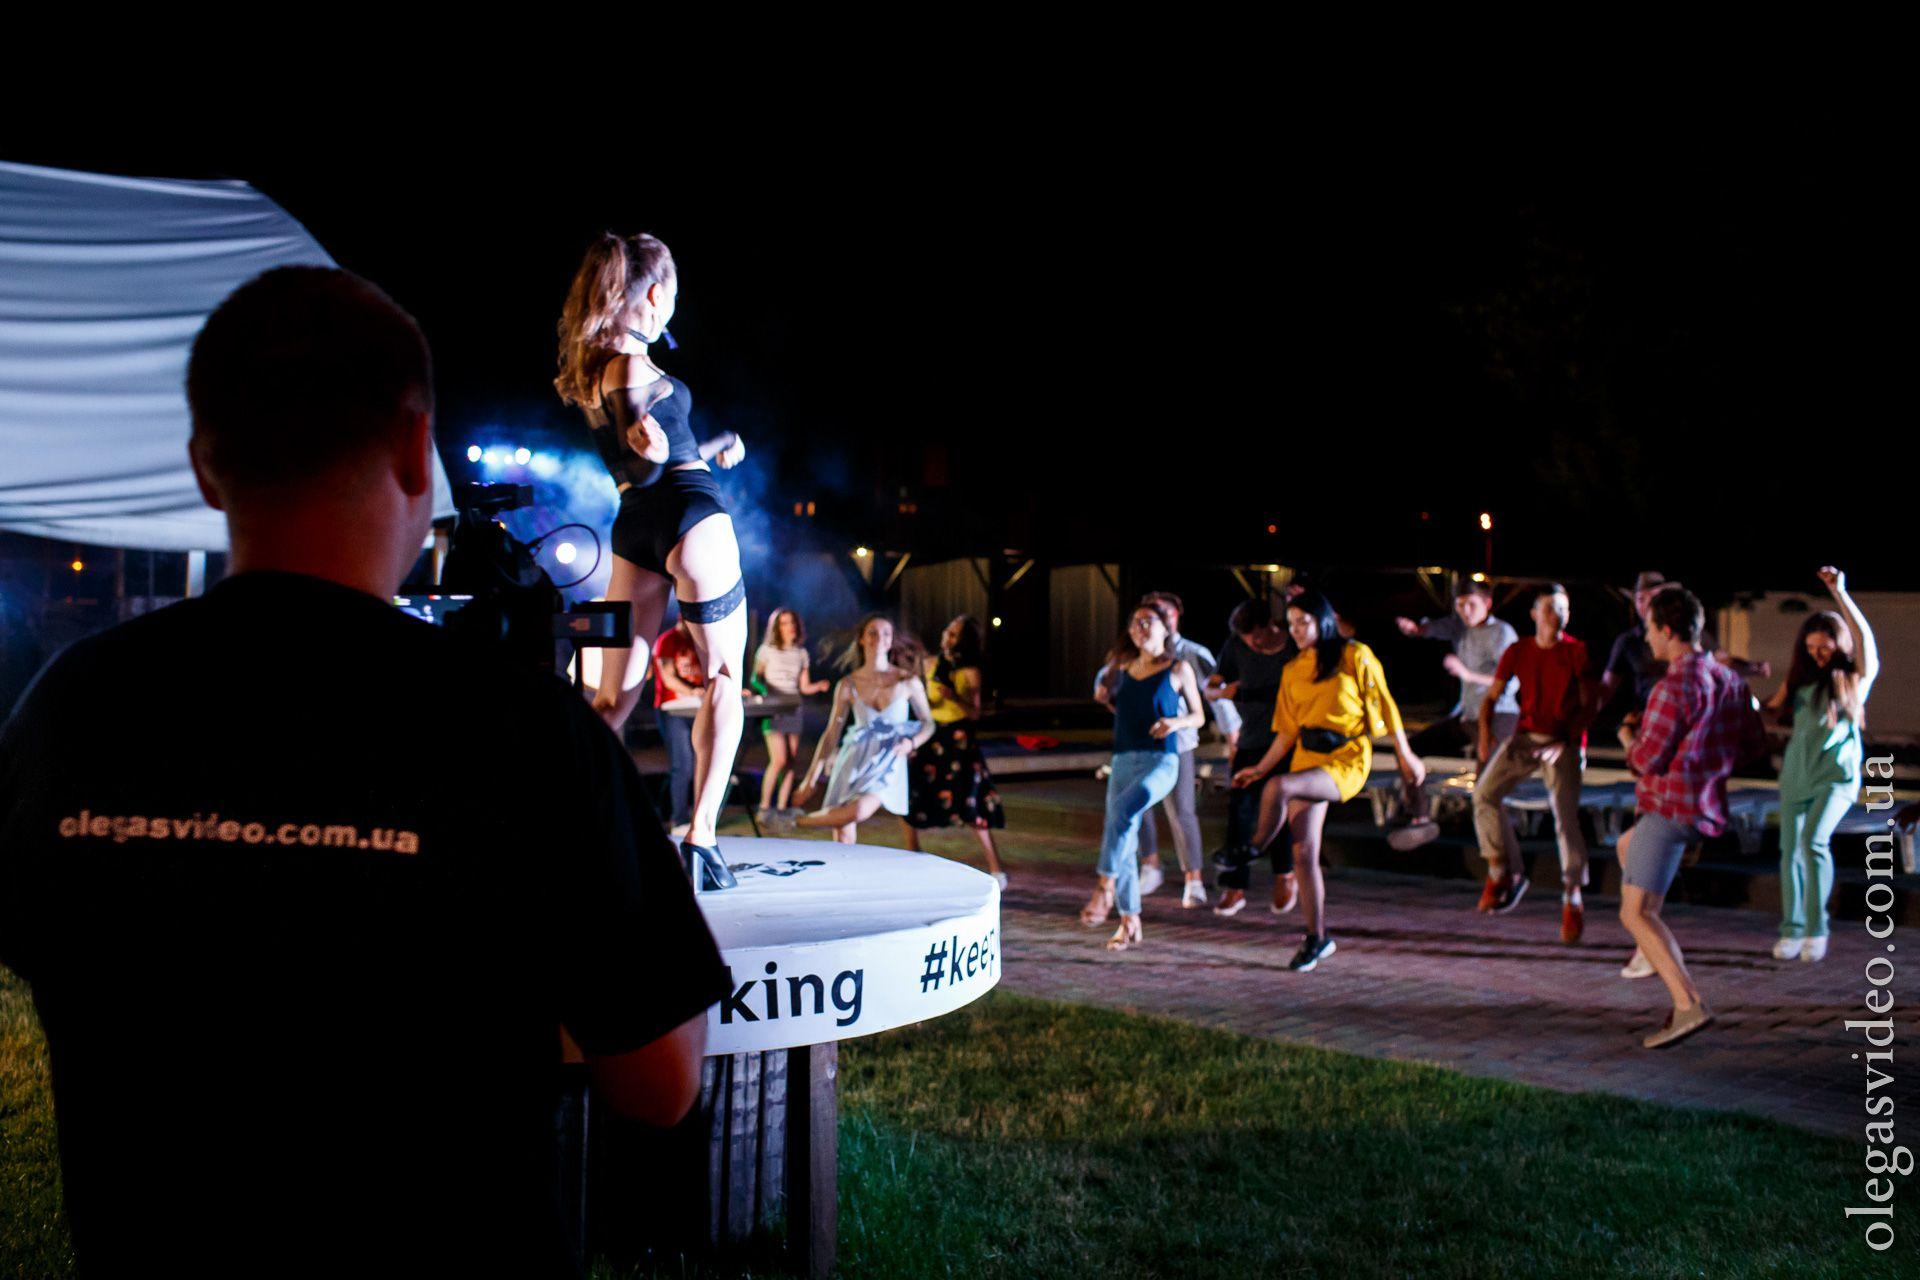 backstage как работает видеоператор на вечеринке